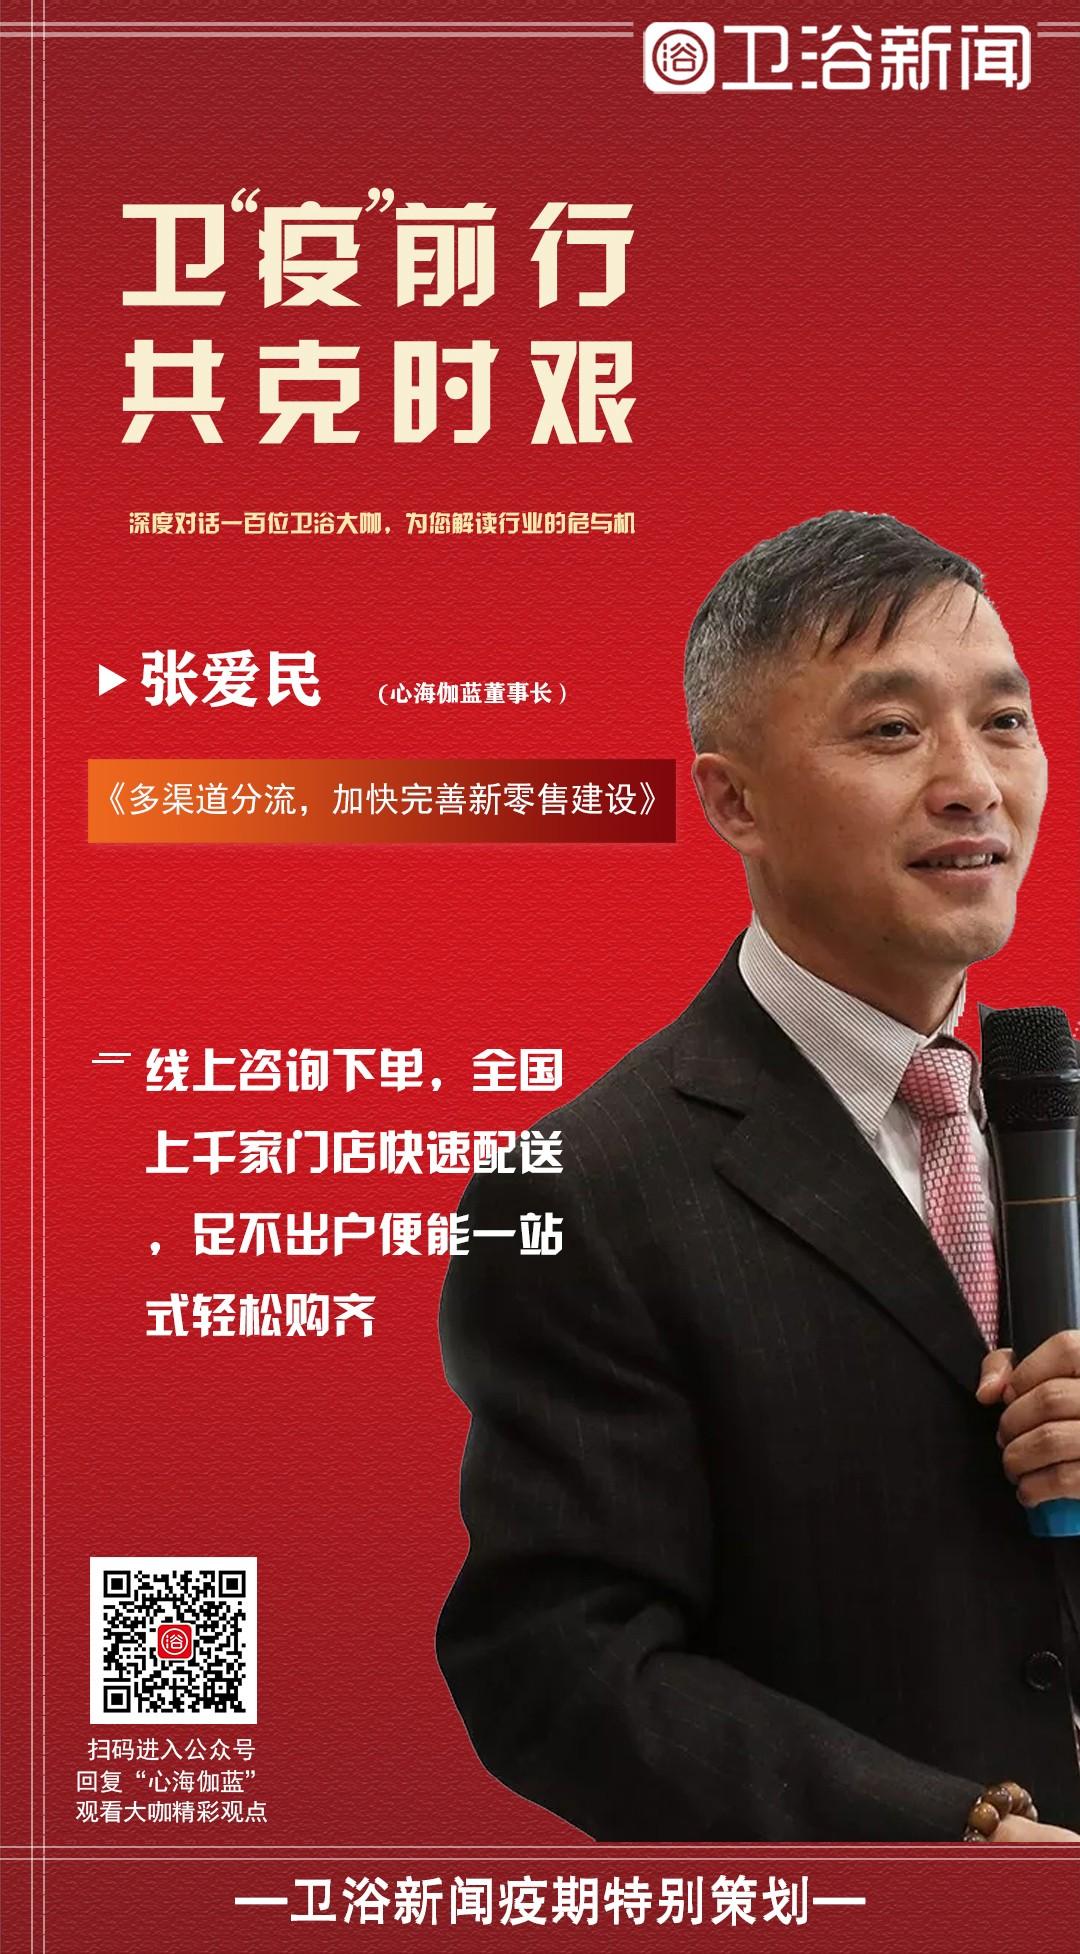 心海伽蓝张爱民:新零售或将成为未来家居业发展新契机!